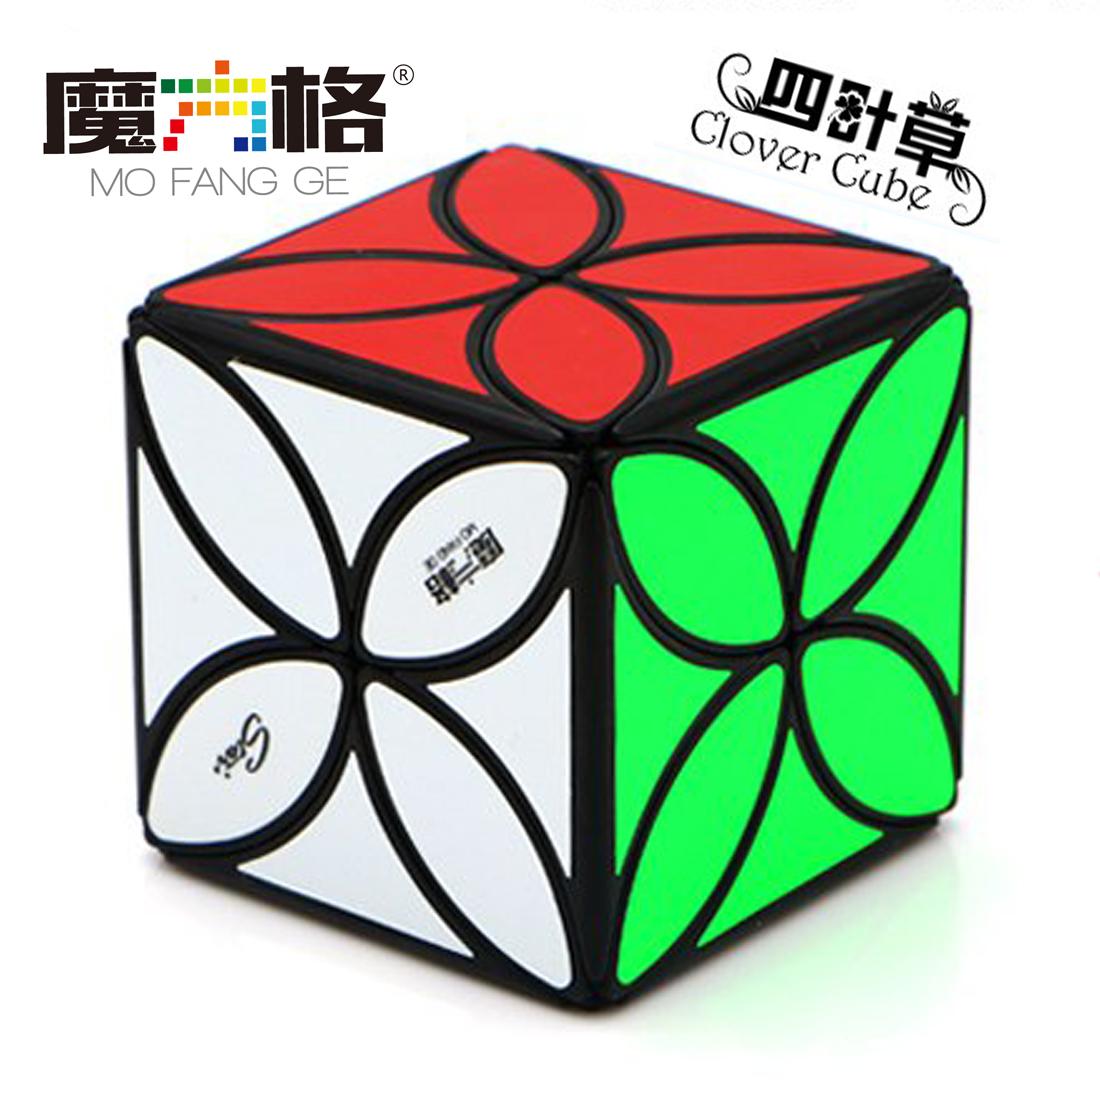 QiYi MofangGe Clover Cube купить | Чии Клевер куб